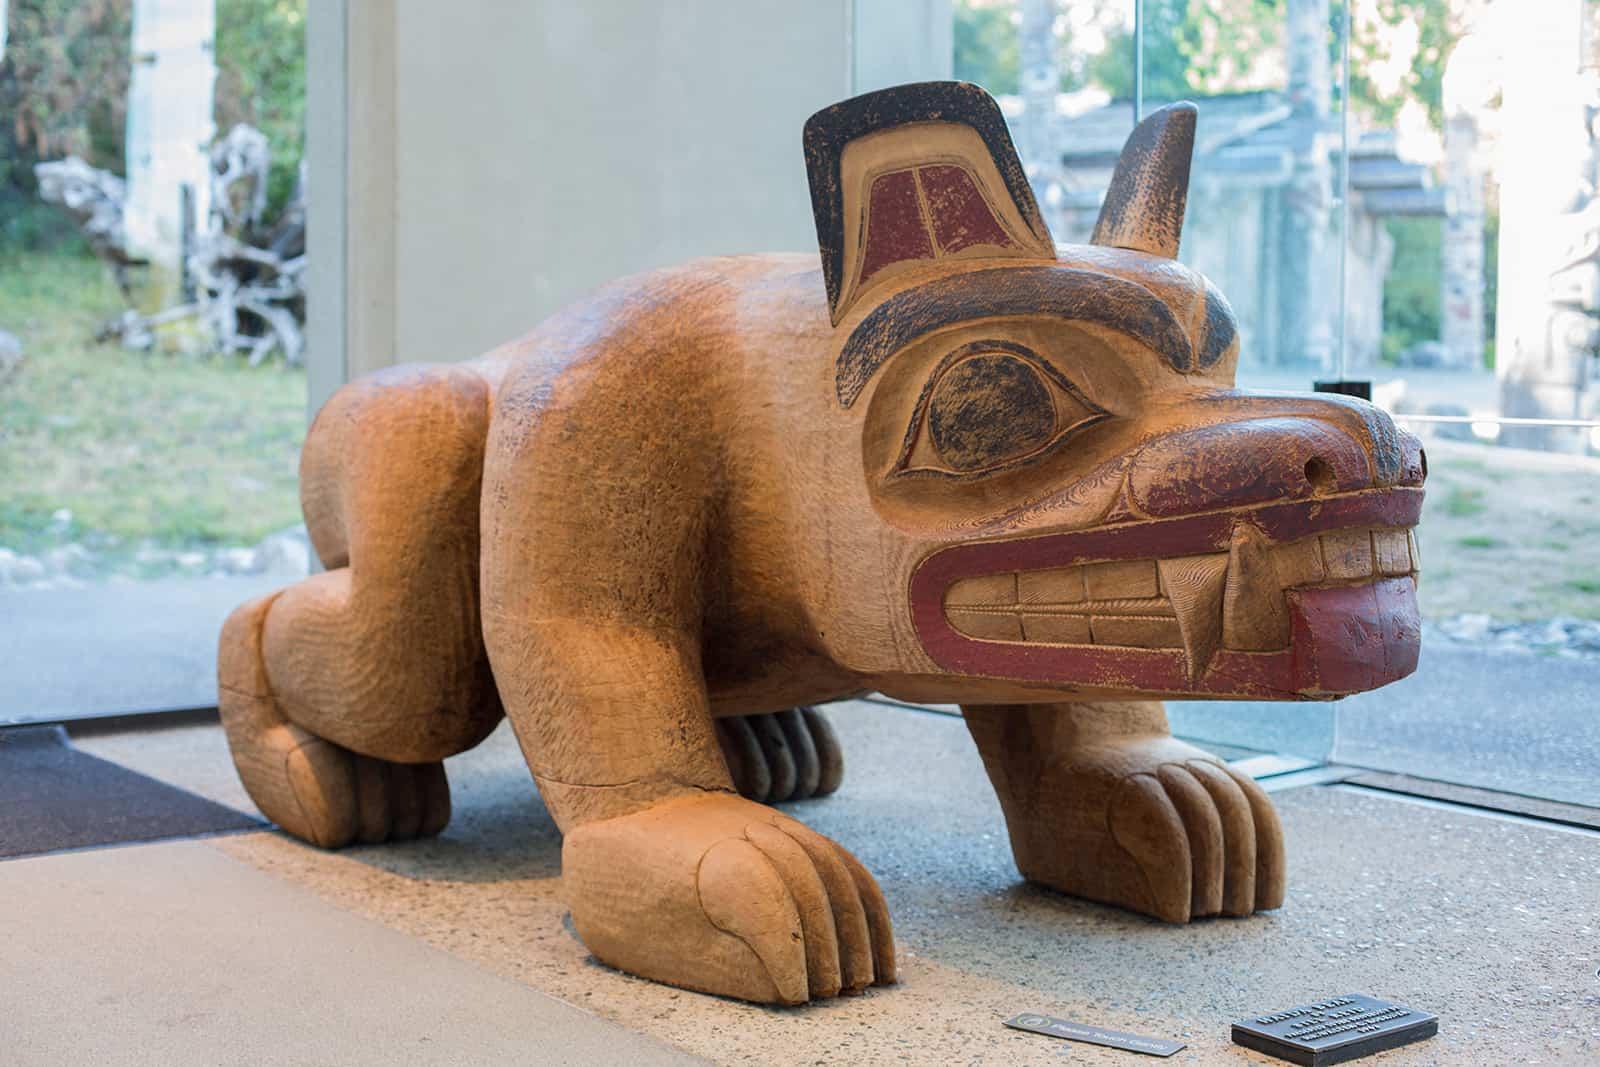 Kunst im Anthropology Museum von Vancouver